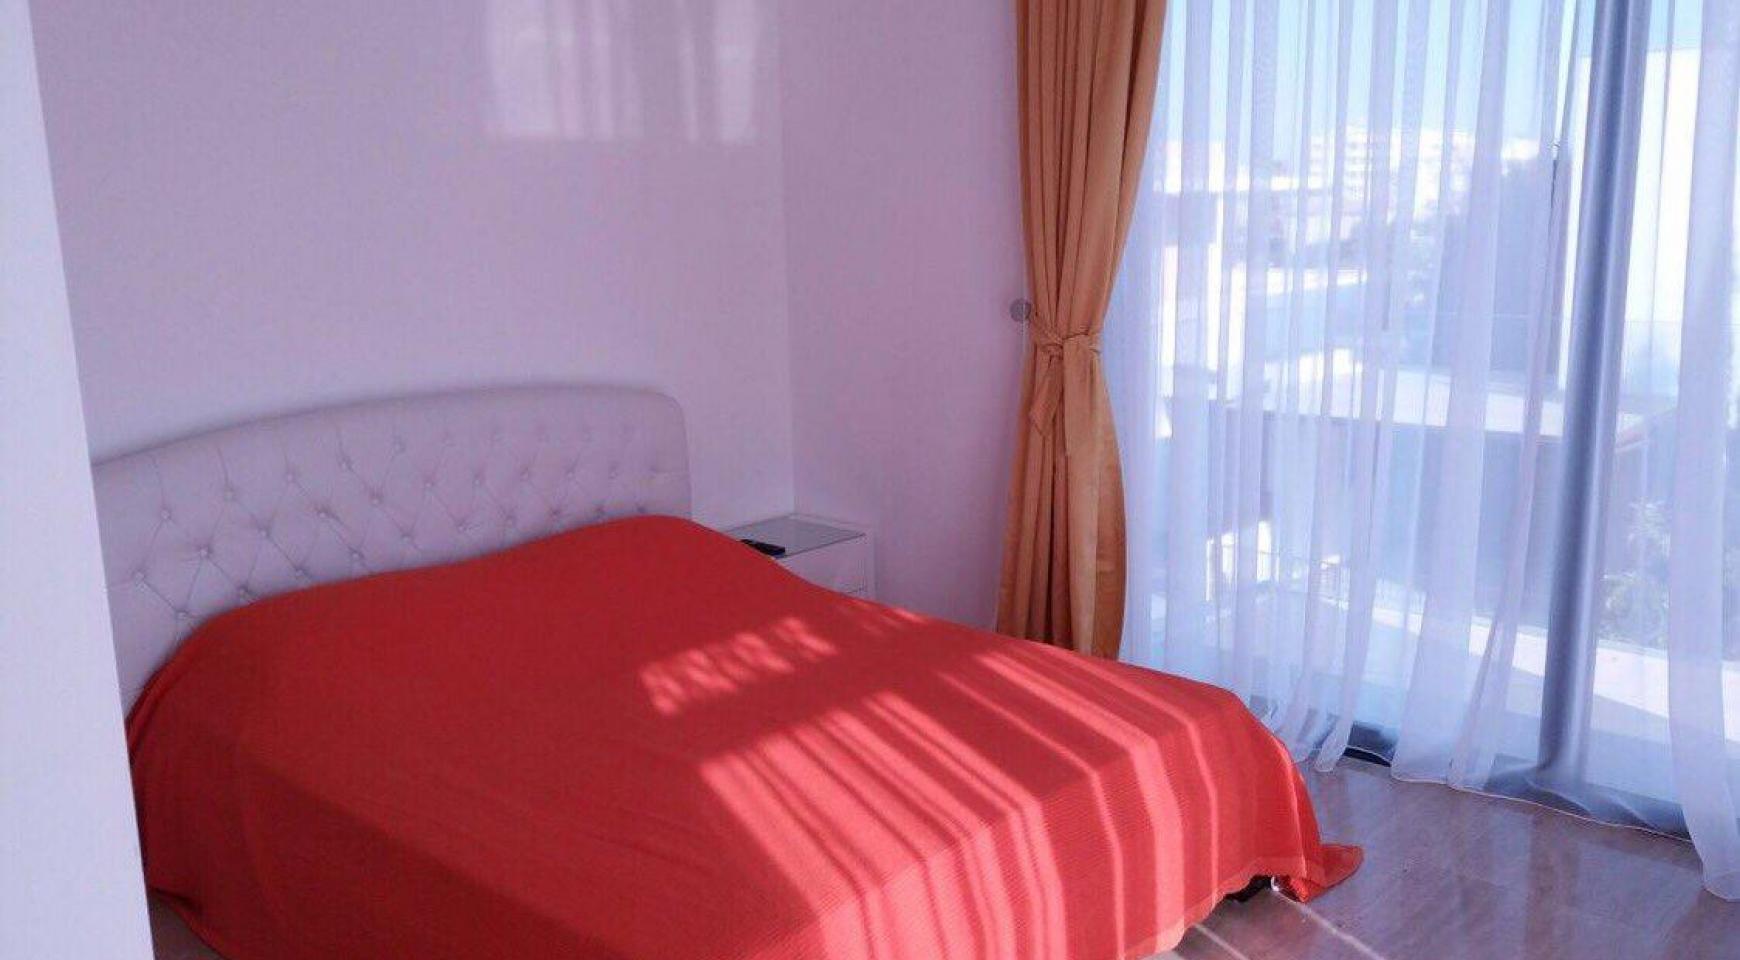 Новая Элитная 3-Спальная Вилла в Закрытом Комплексе возле Моря - 16